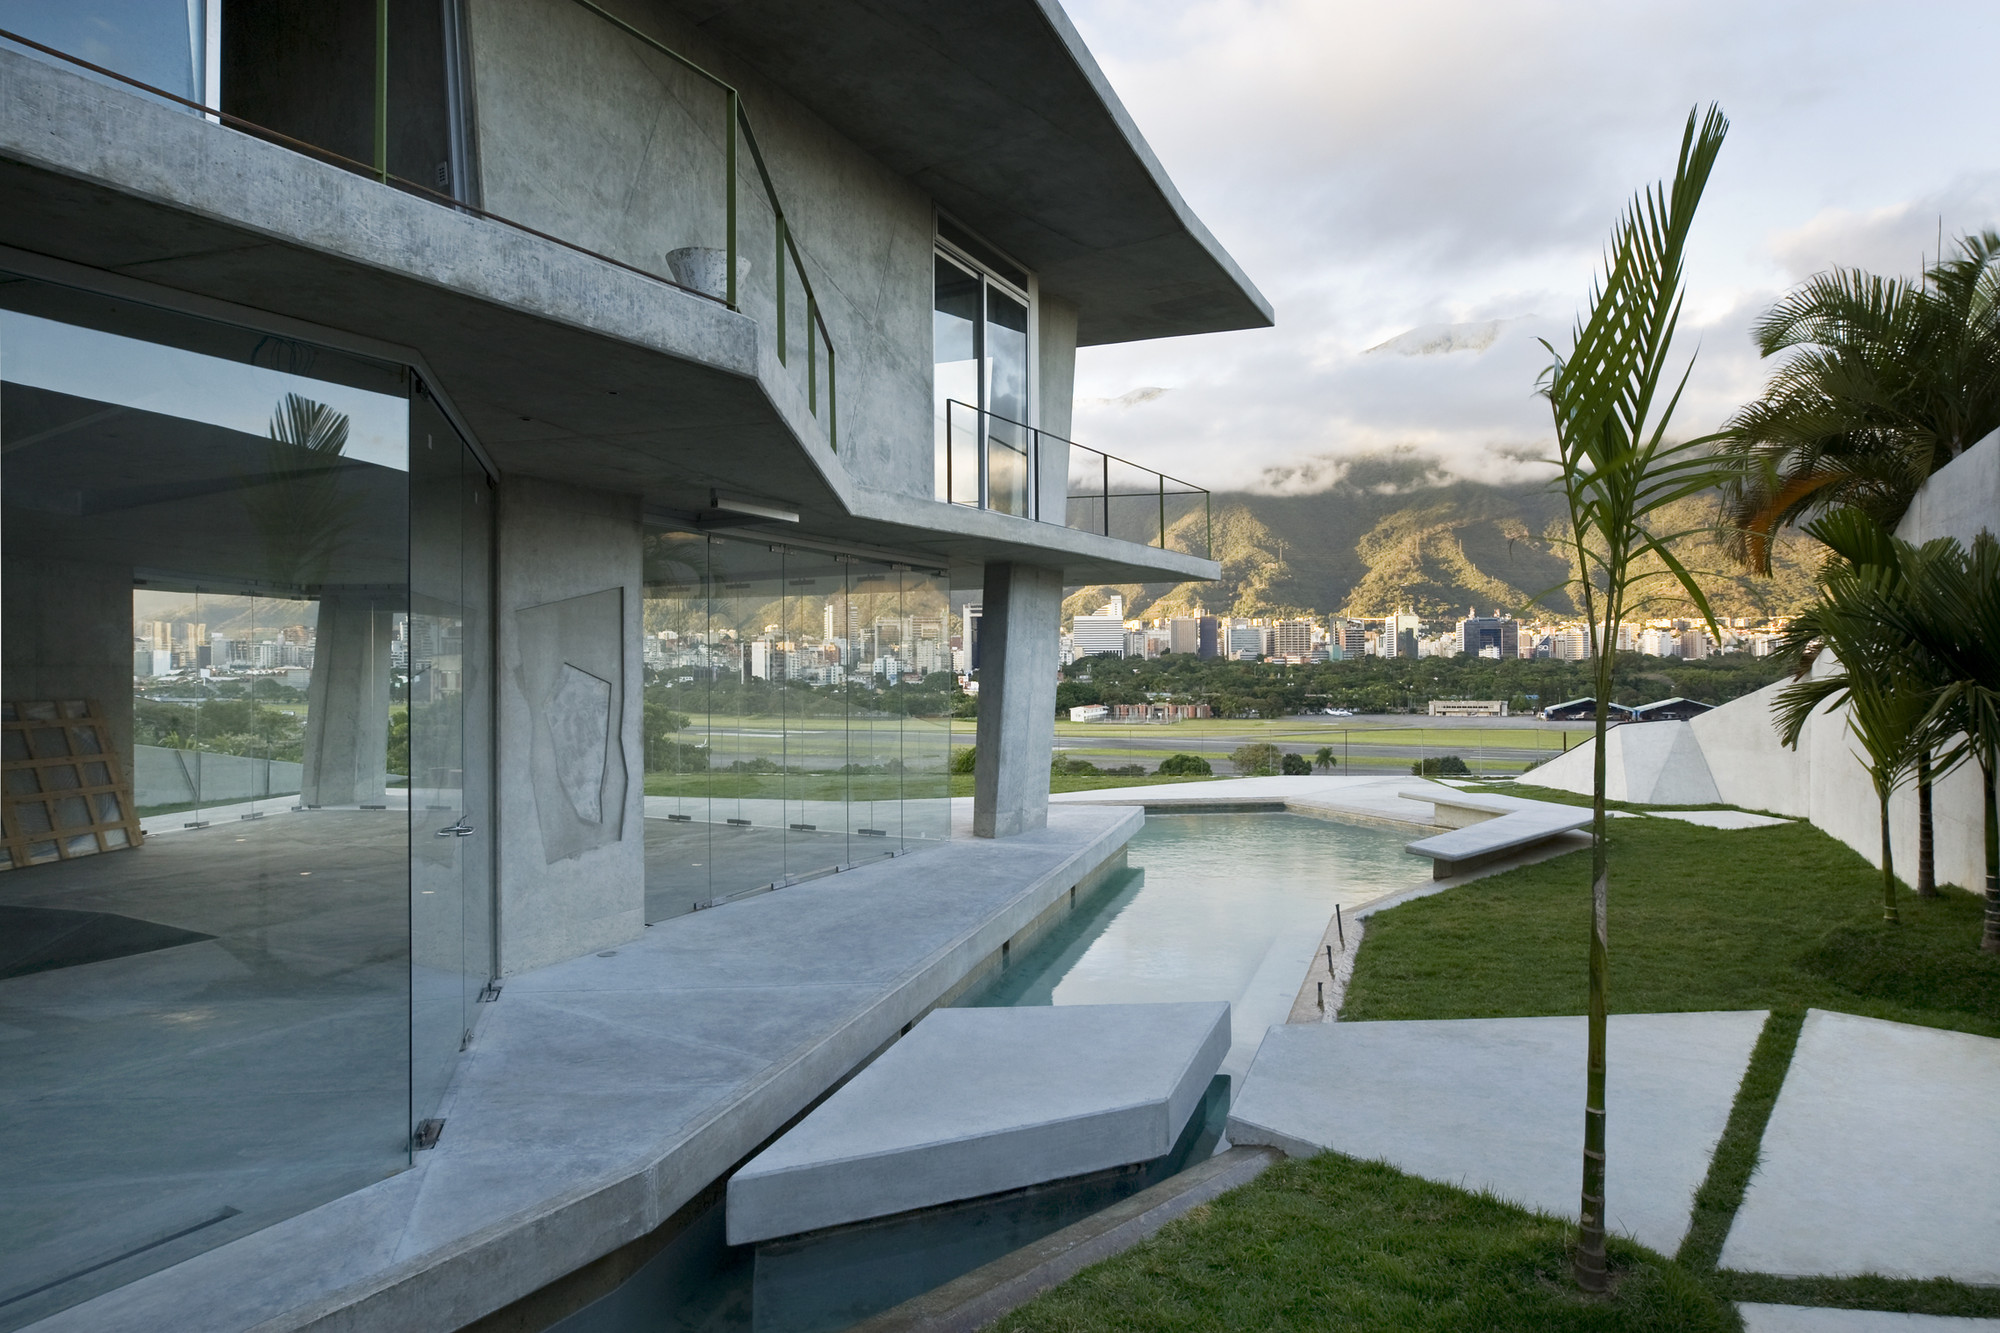 Casa ms oda oficina de arquitectura archdaily for Oficinas arquitectura